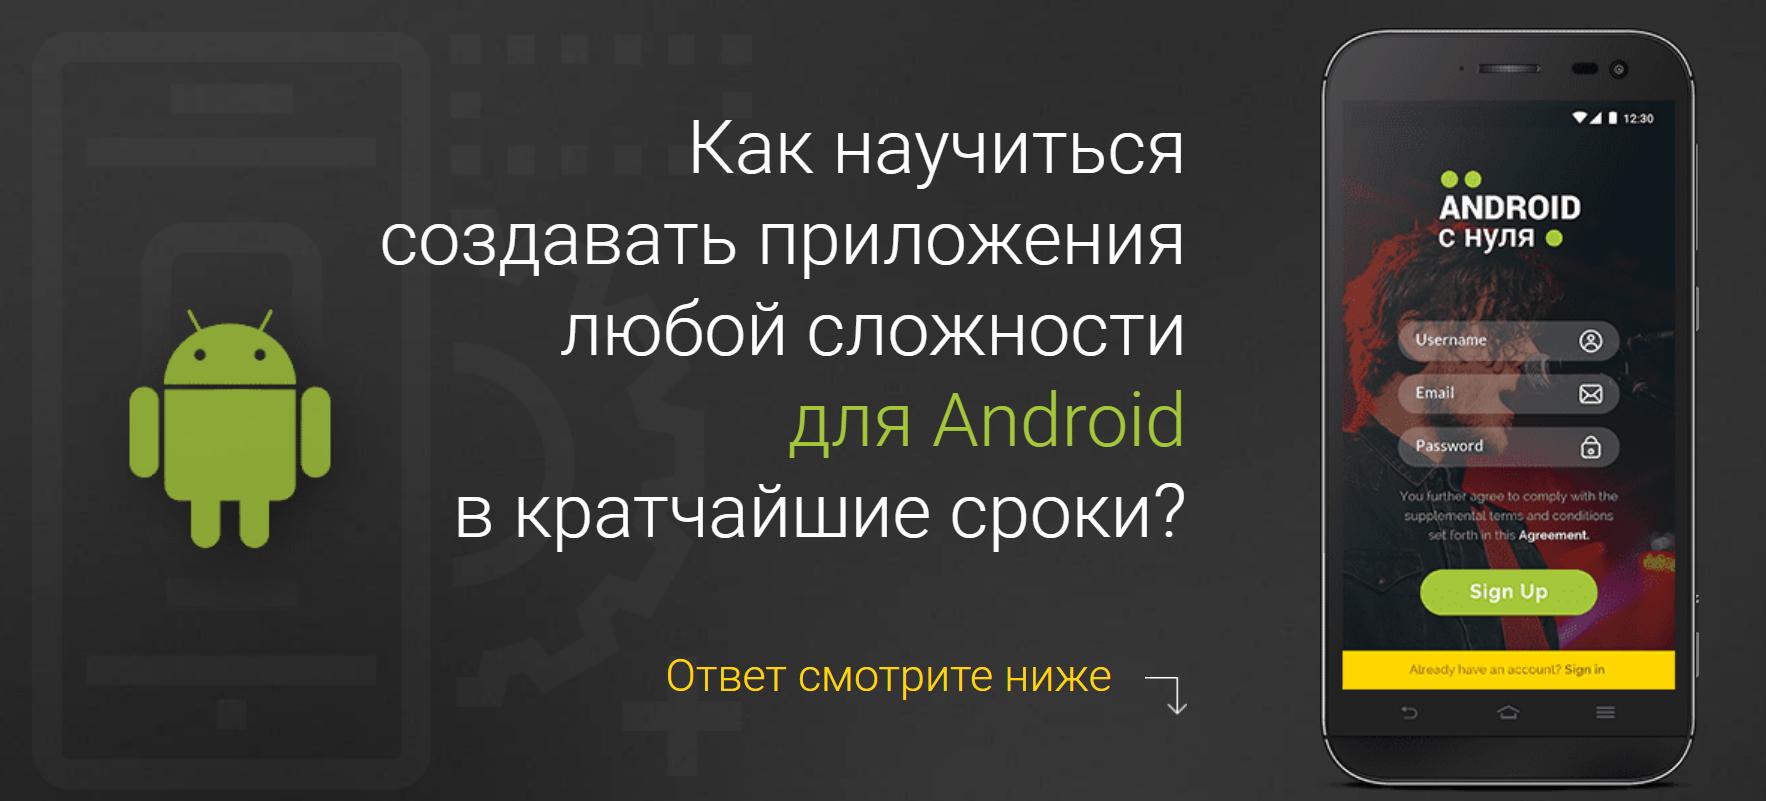 Создание приложений для андроид с сайта фон для сайта строительной компании